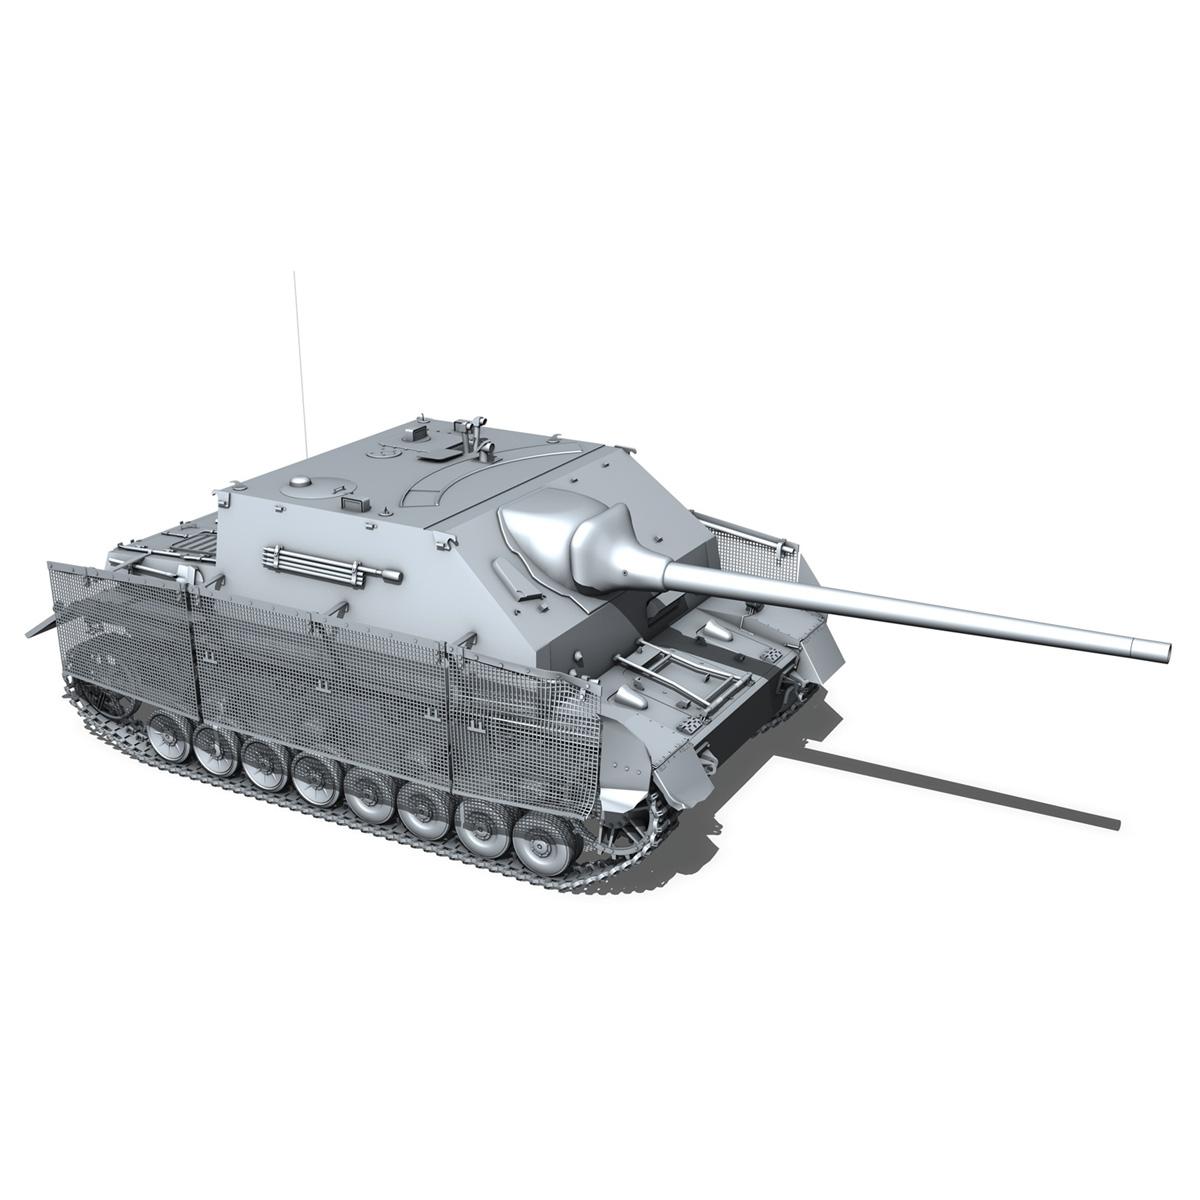 jagdpanzer iv l/70 (a) – 14 3d model 3ds fbx c4d lwo obj 282337